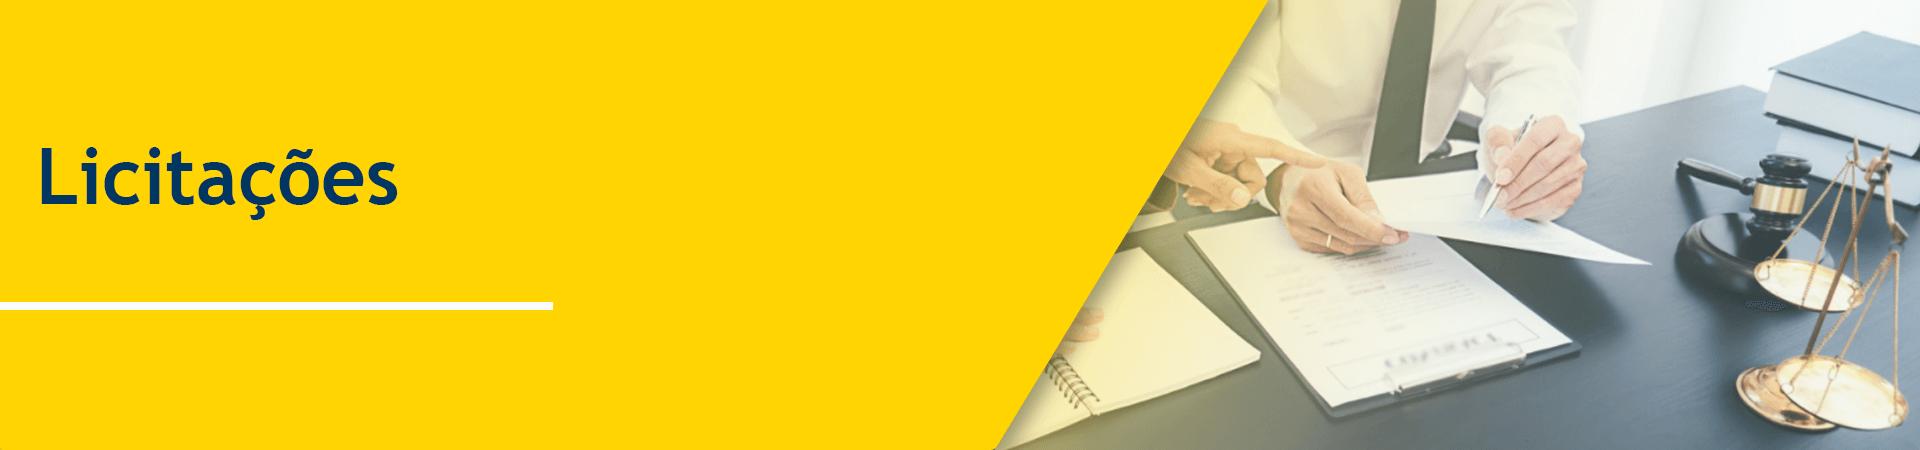 Busto de um homem usando camisa branca e gravata preta sentado à mesa segurando uma folha de papel, apontando com a caneta para uma parte da folha. Mesa preta com uma balança de pêndulo antiga, feita de metal similar a cobre. à direta da mesa dois livros pretos empilhados.